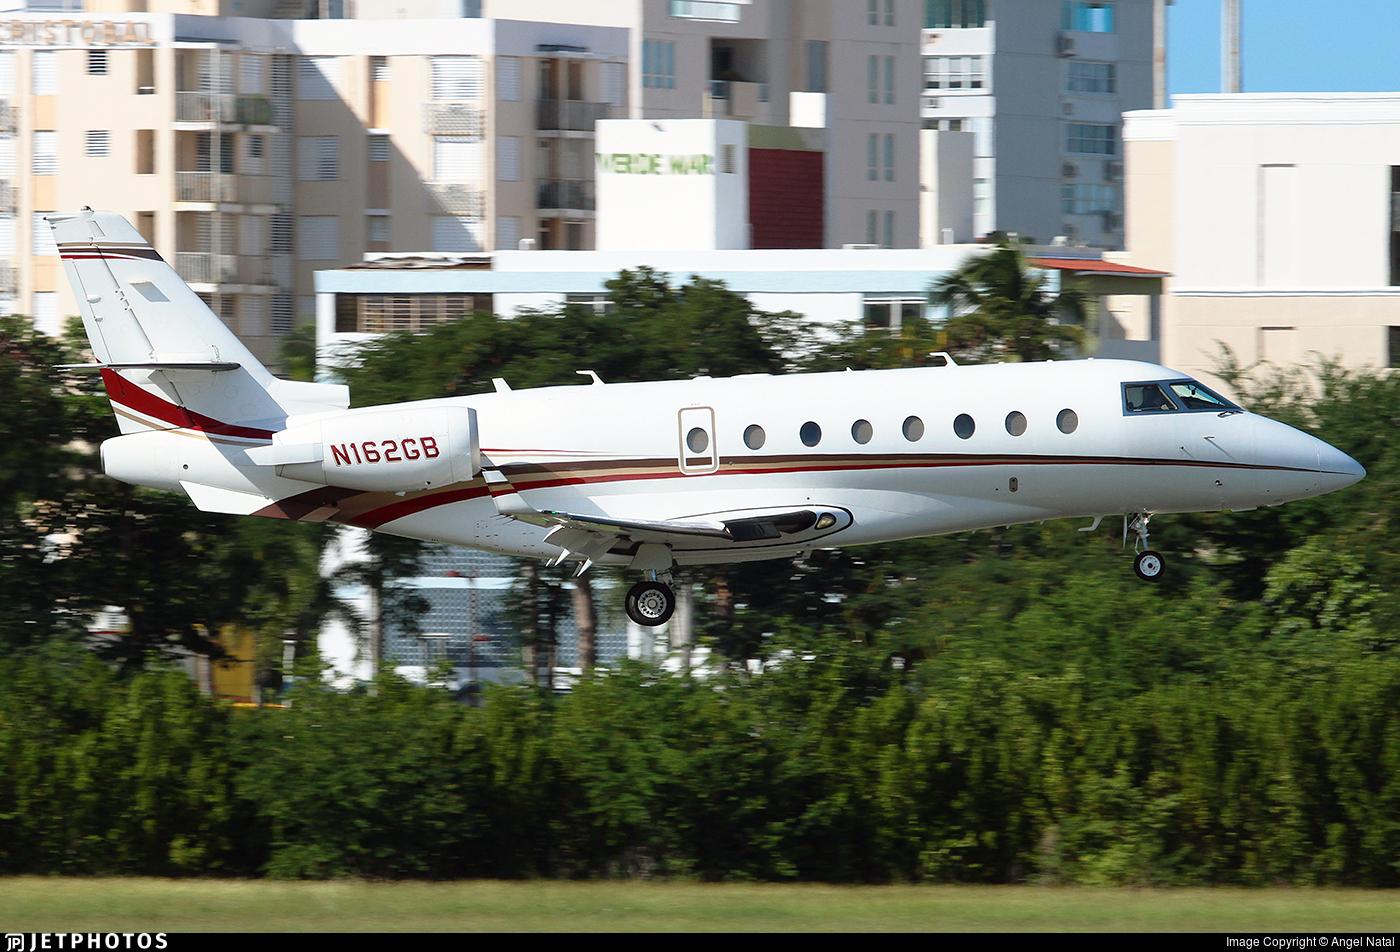 N162GB - Gulfstream G200 - Private